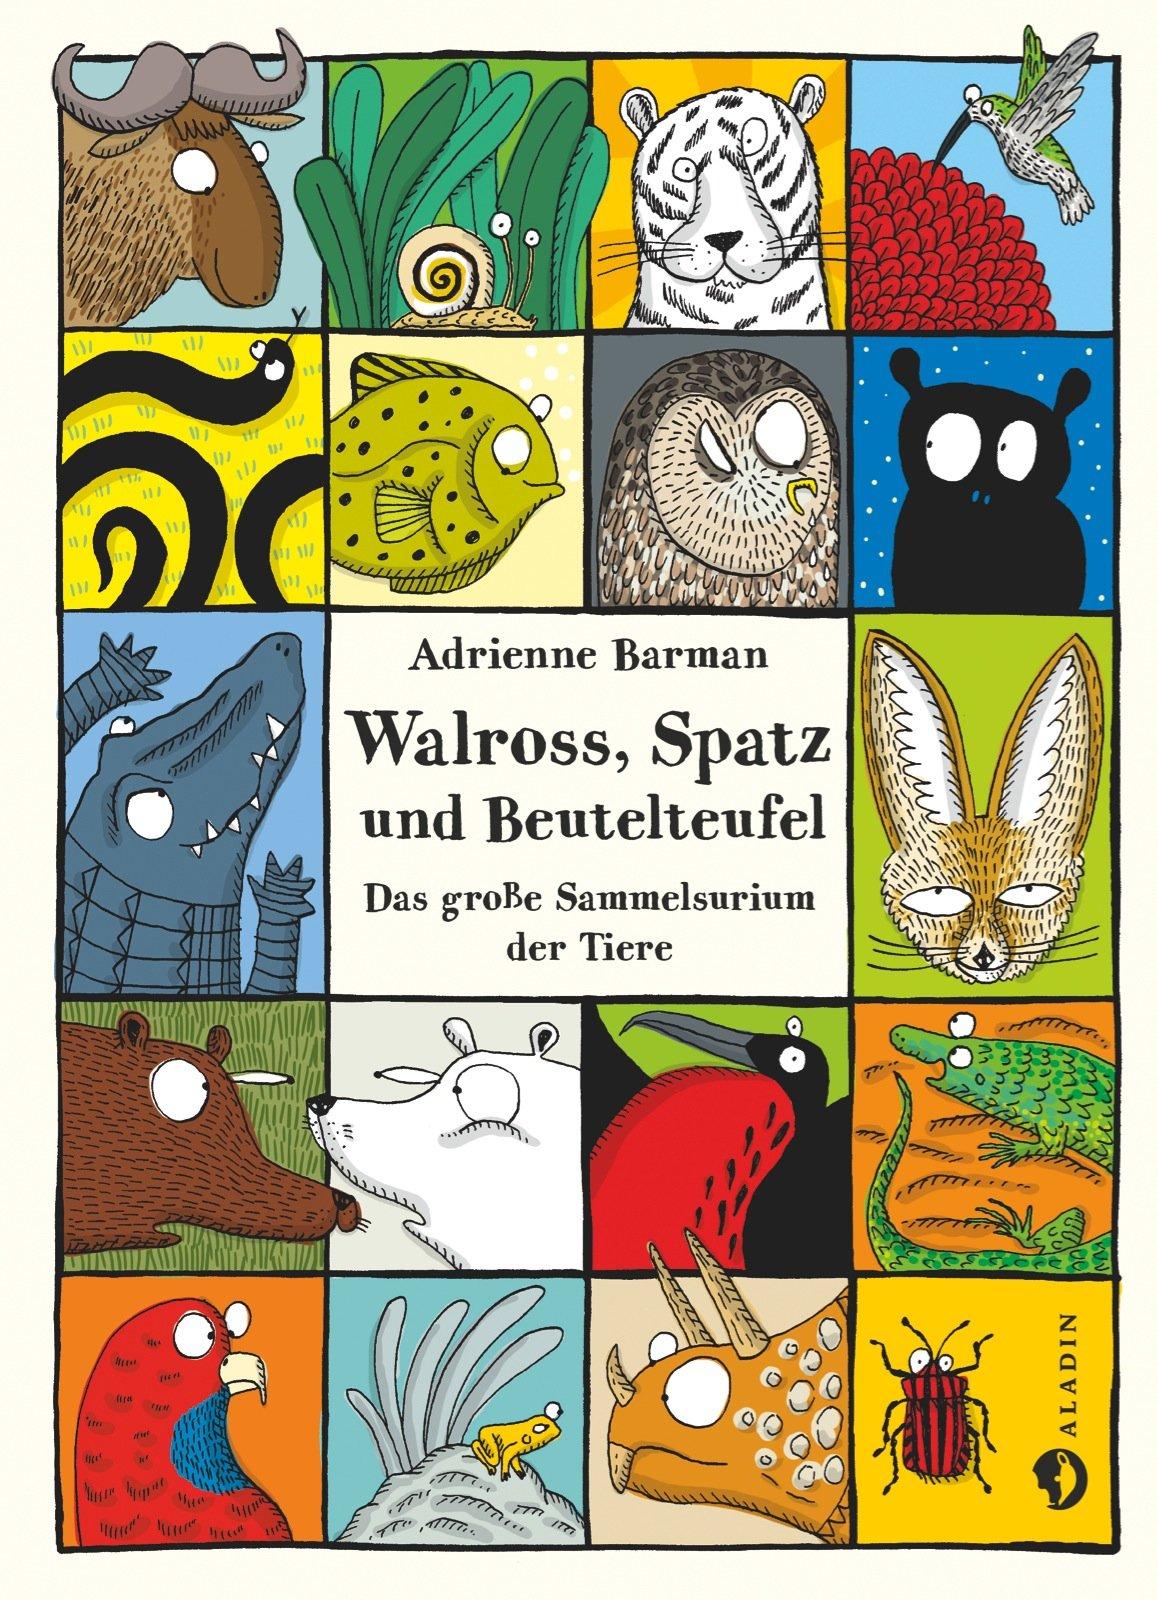 Walross, Spatz und Beutelteufel: Das große Sammelsurium der Tiere Gebundenes Buch – 26. Februar 2015 Adrienne Barman Susanne Schmidt-Wussow Aladin 3848900904